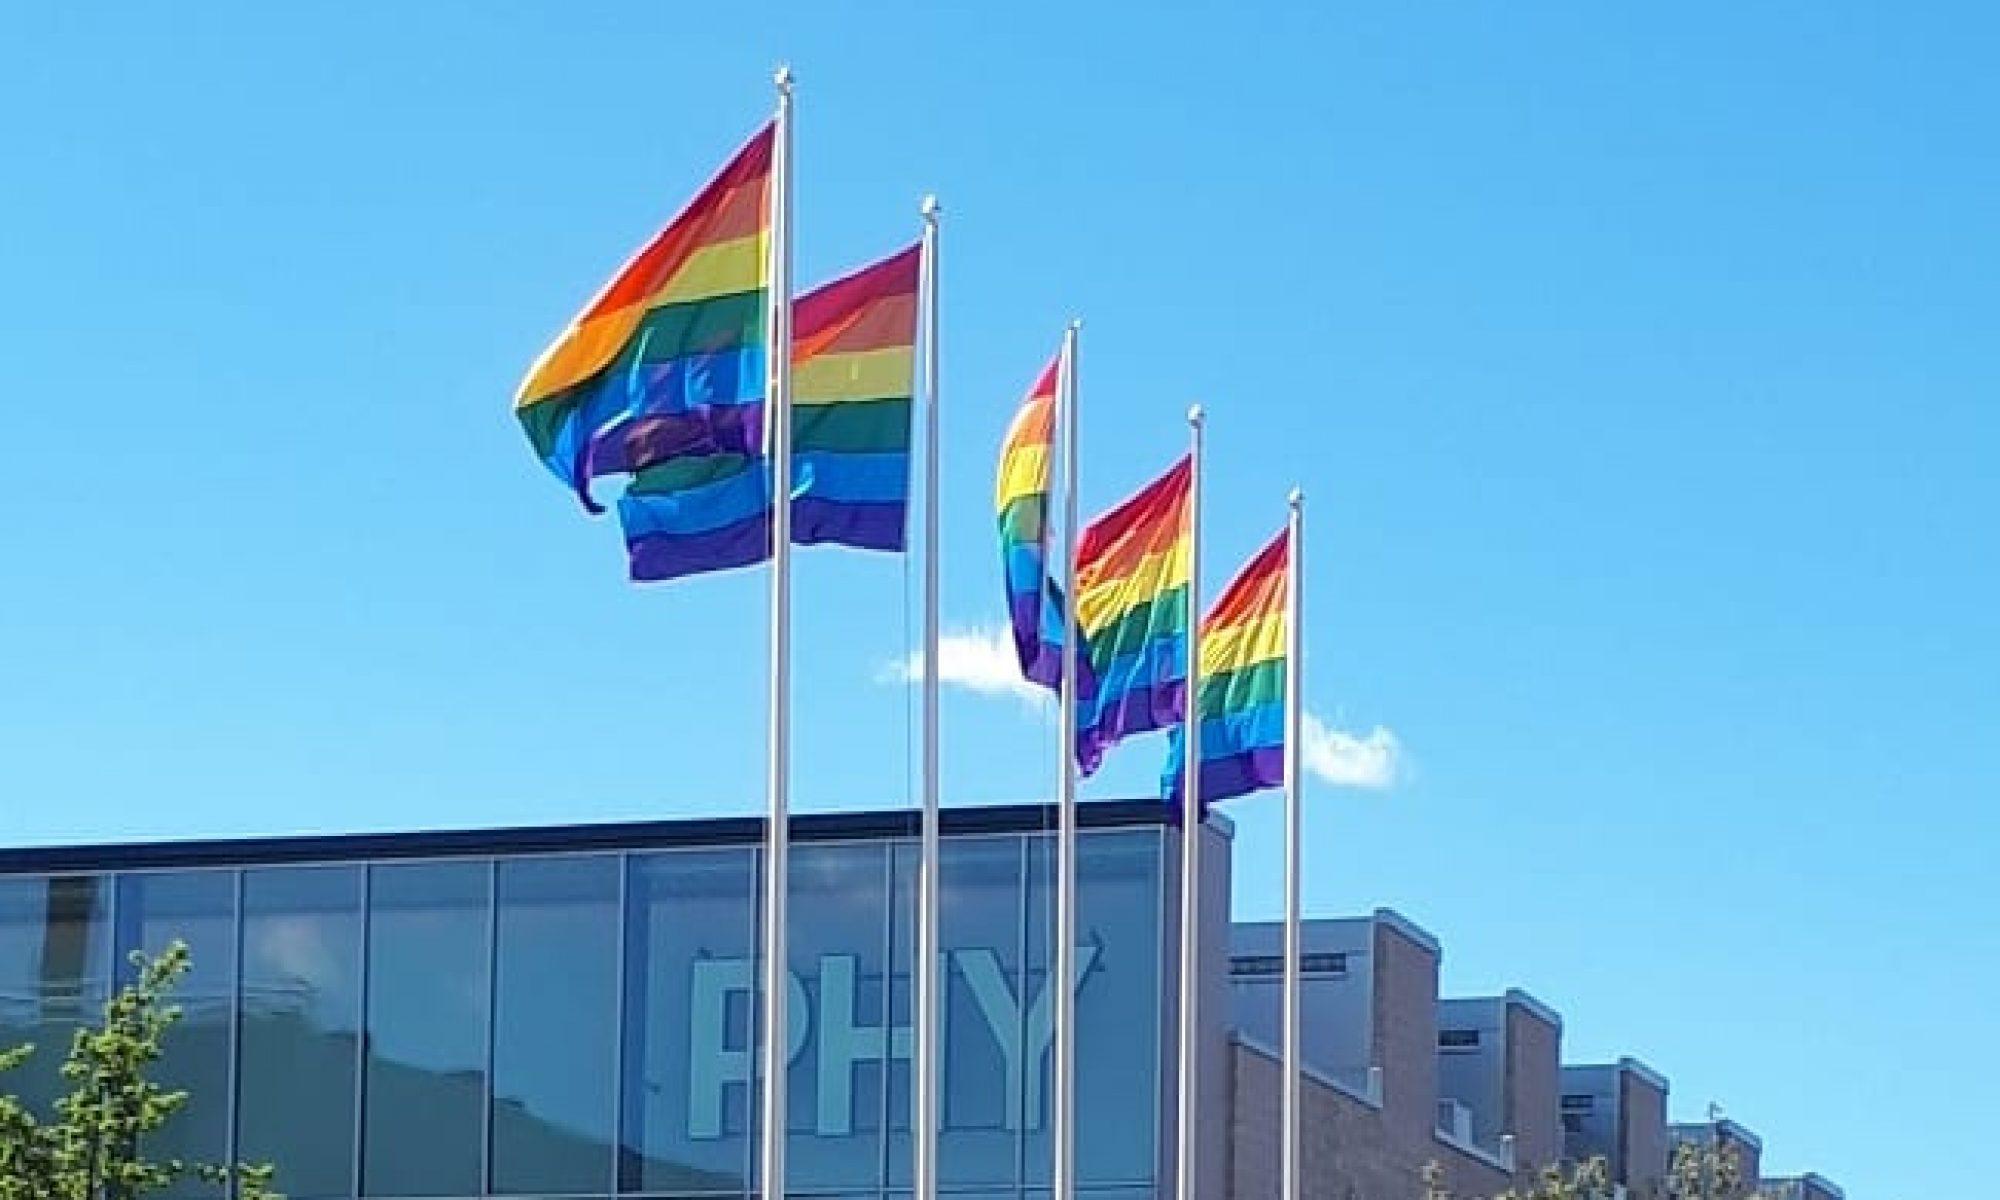 Kumpula LGBTQ+